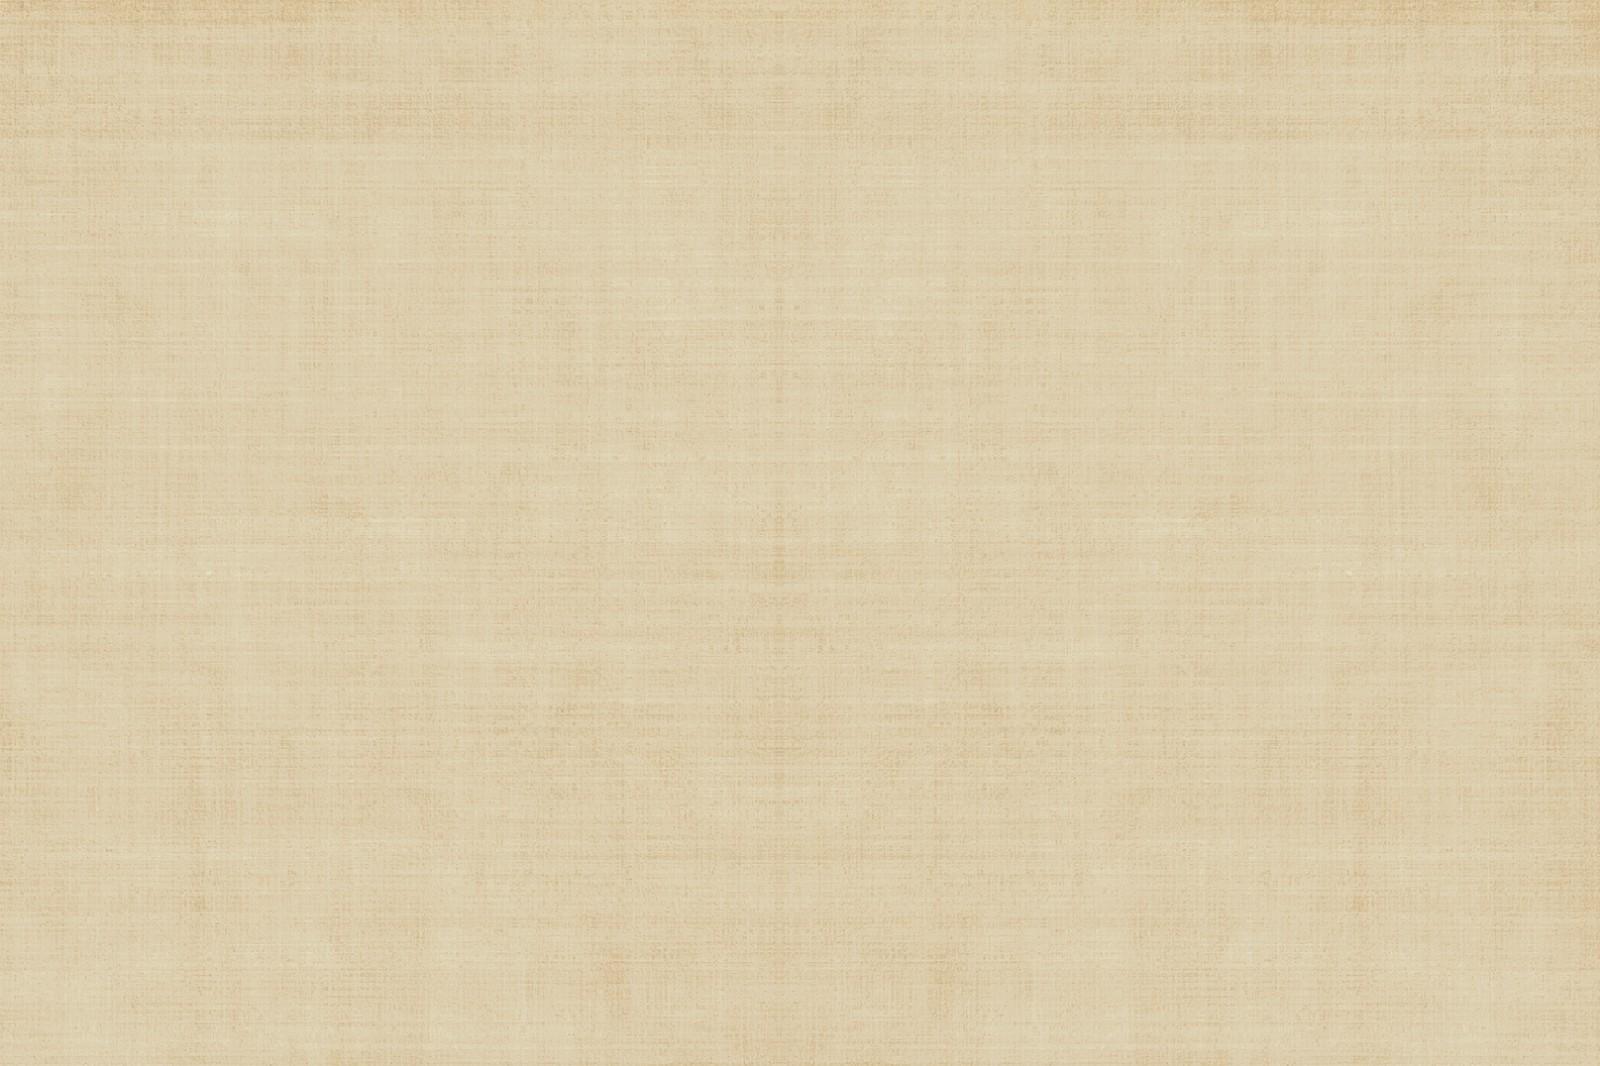 如何让纯色背景添加这种画布效果?纹理是怎么加的?